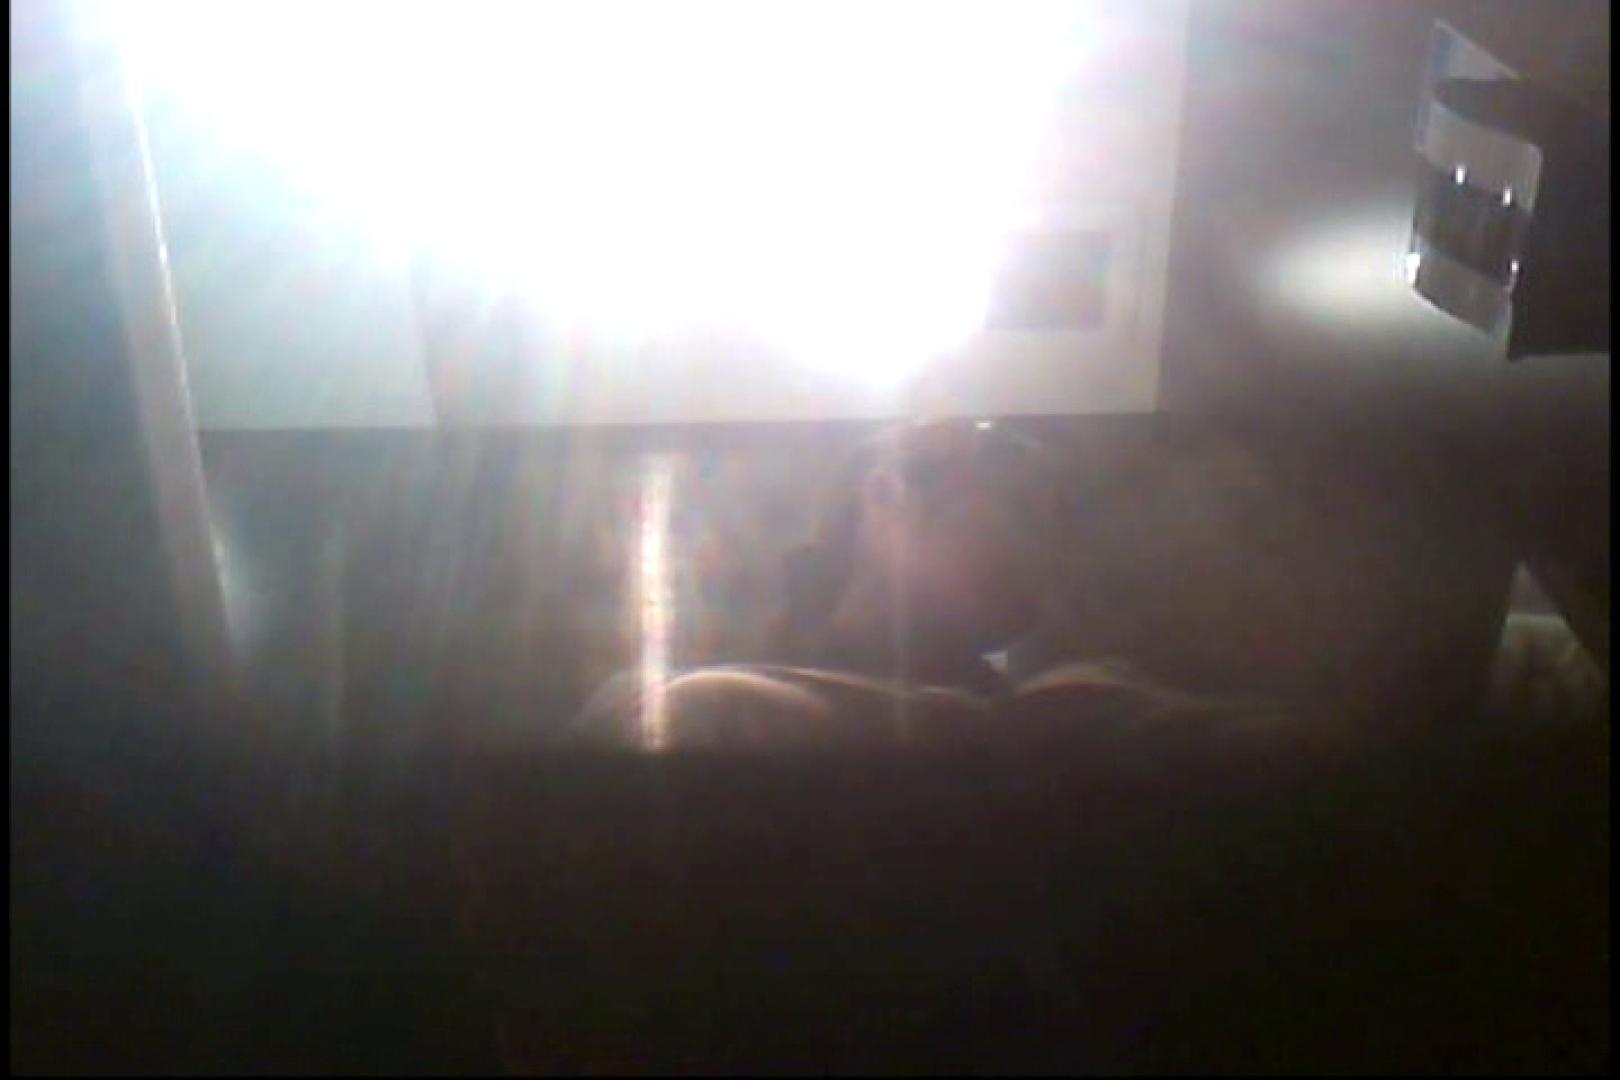 亀さんかわや VIPバージョン! vol.36 マンコ無修正 隠し撮りオマンコ動画紹介 103画像 4